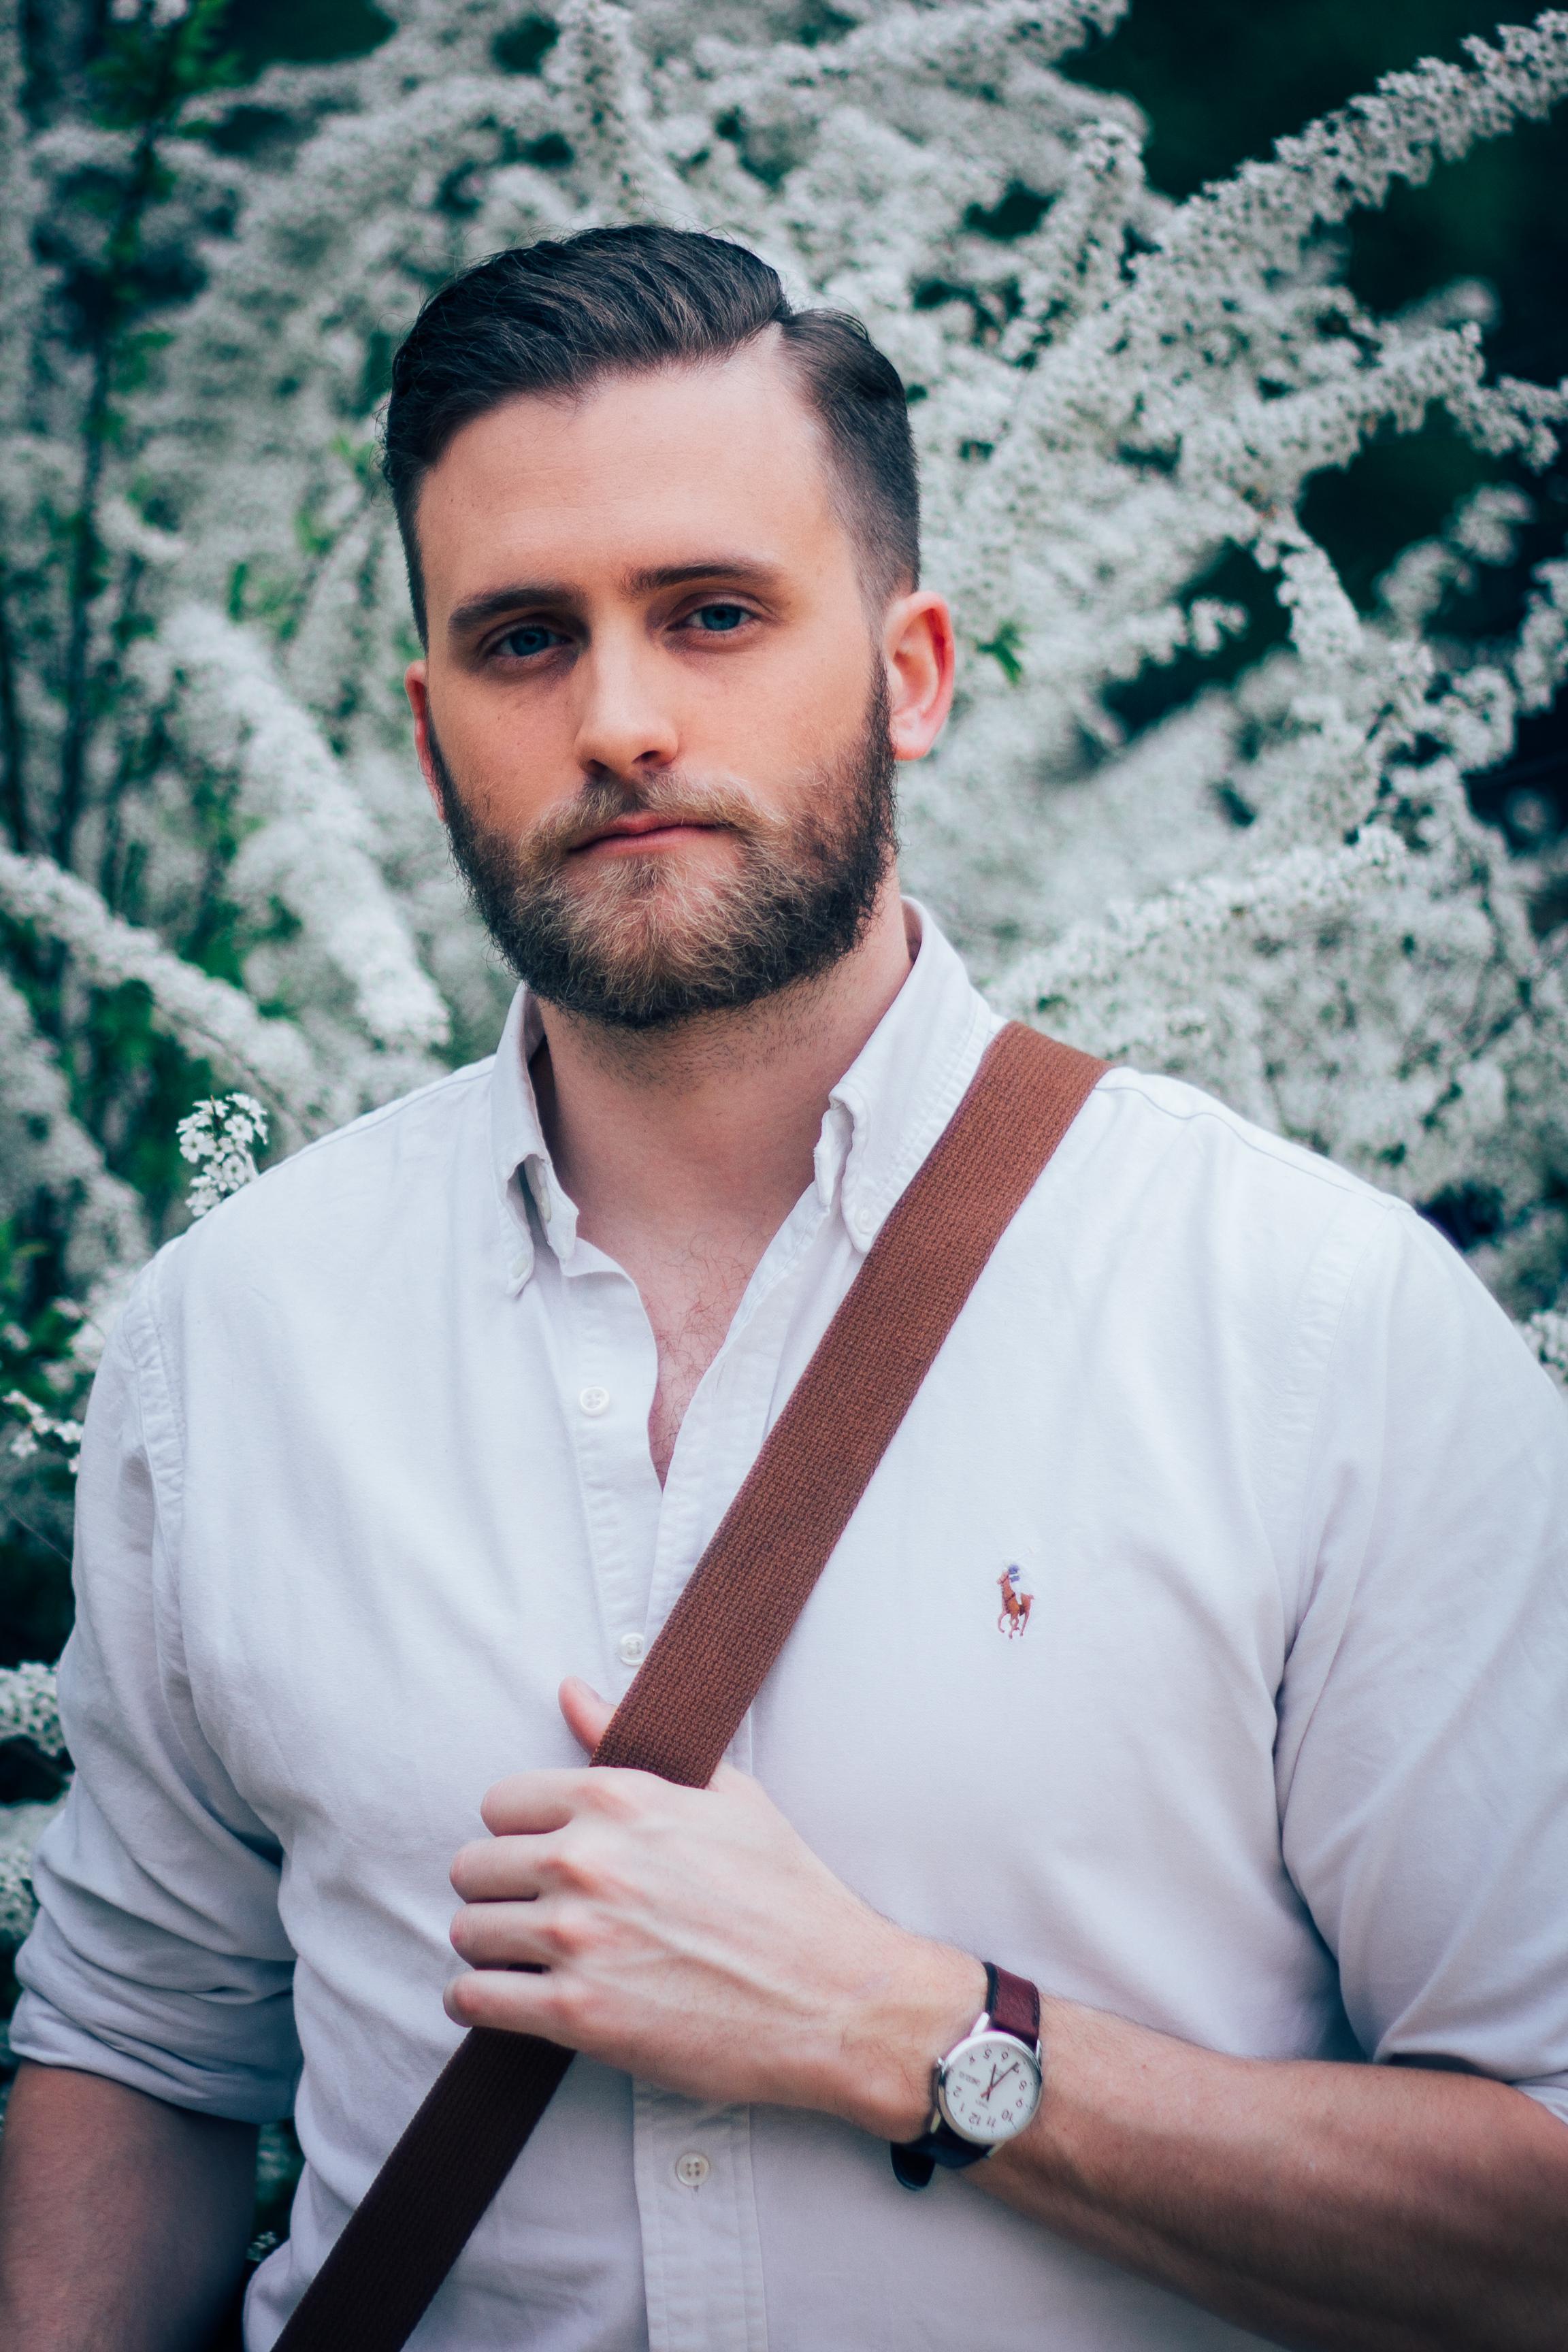 Robert Michael Evans